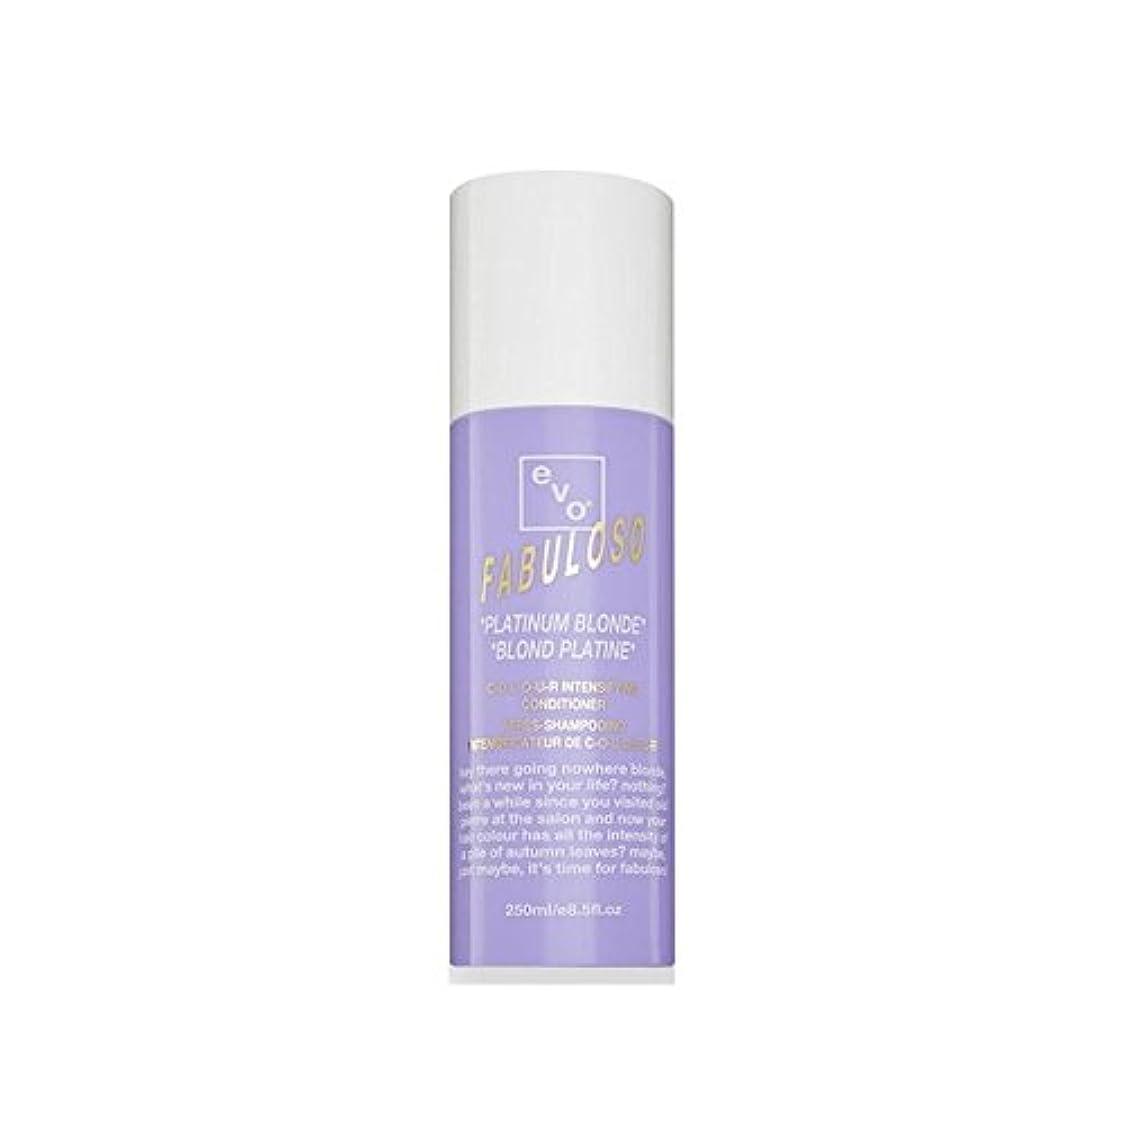 住人呪われた虐待Evo Fabuloso Colour Intensifying Conditioner Platinum Blonde (250ml) - 色増コンディショナープラチナブロンド(250ミリリットル) [並行輸入品]